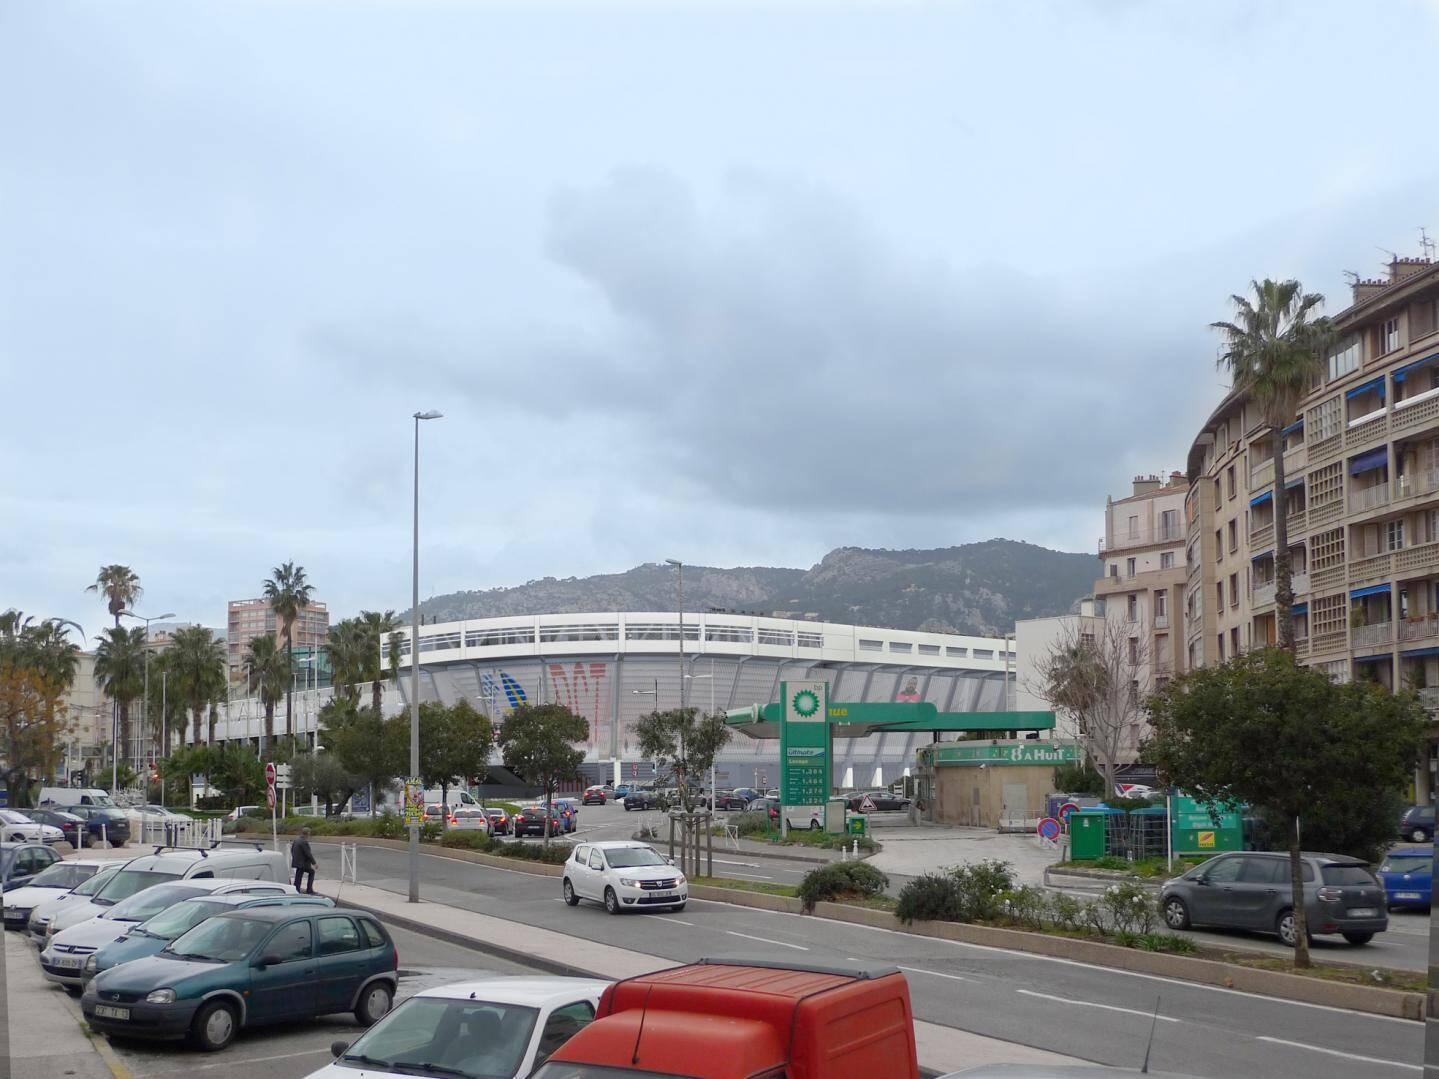 Le futur stade Mayol, qui pourra accueillir 18 000 spectateurs, conservera l'esprit actuel, ses structures restant moins hautes que les bâtiments de l'avenue Roosevelt.